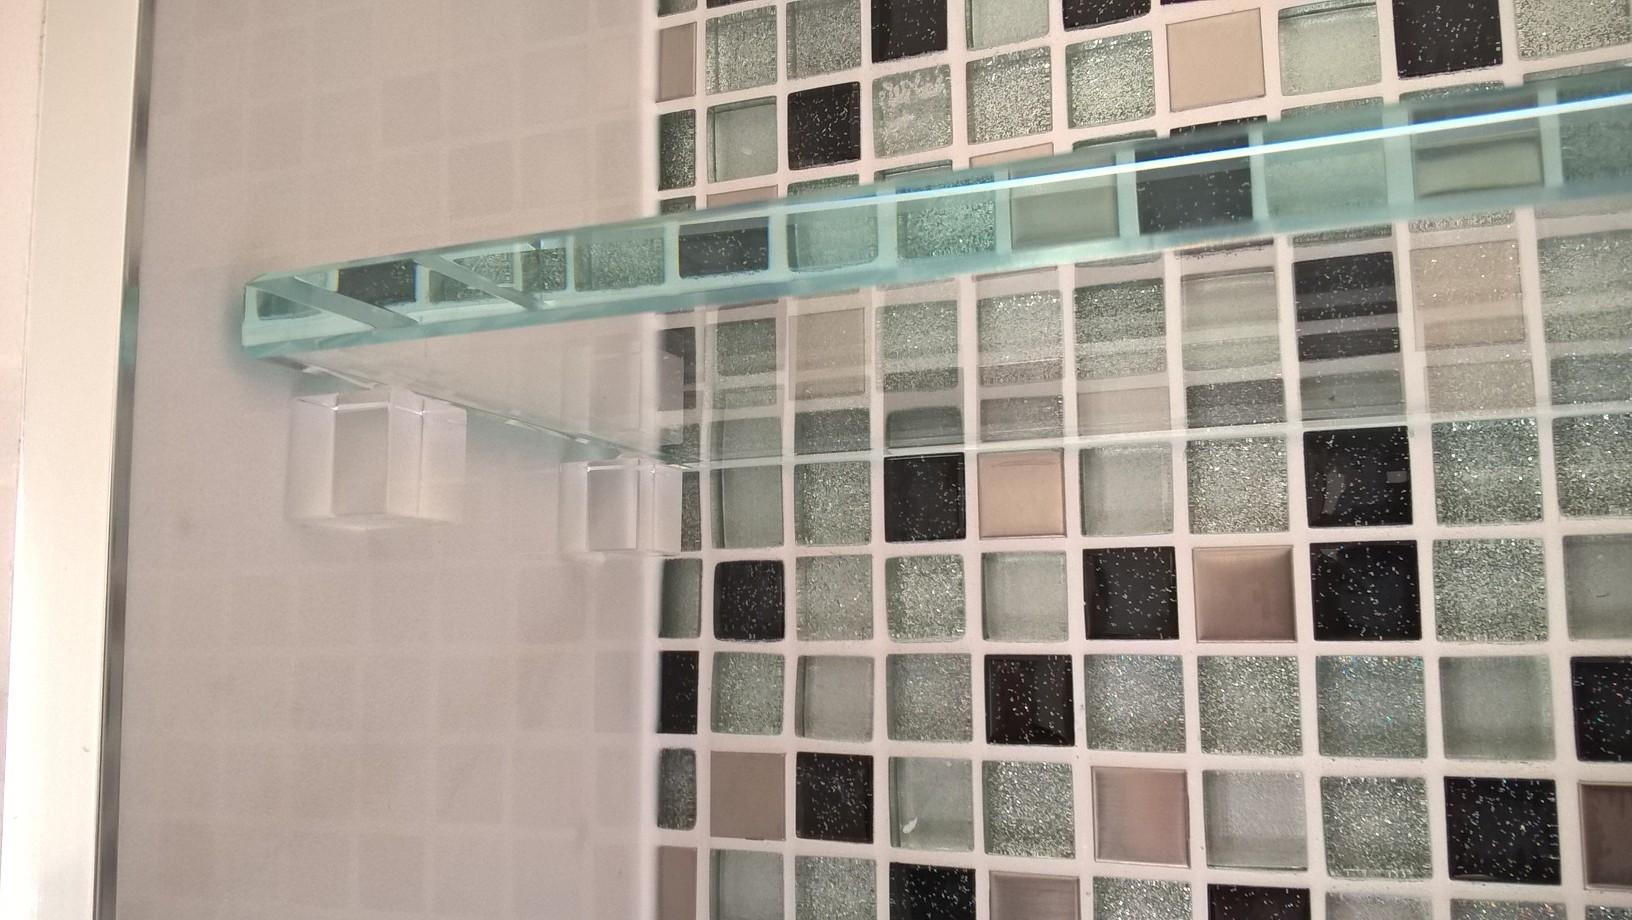 glass shelf close up